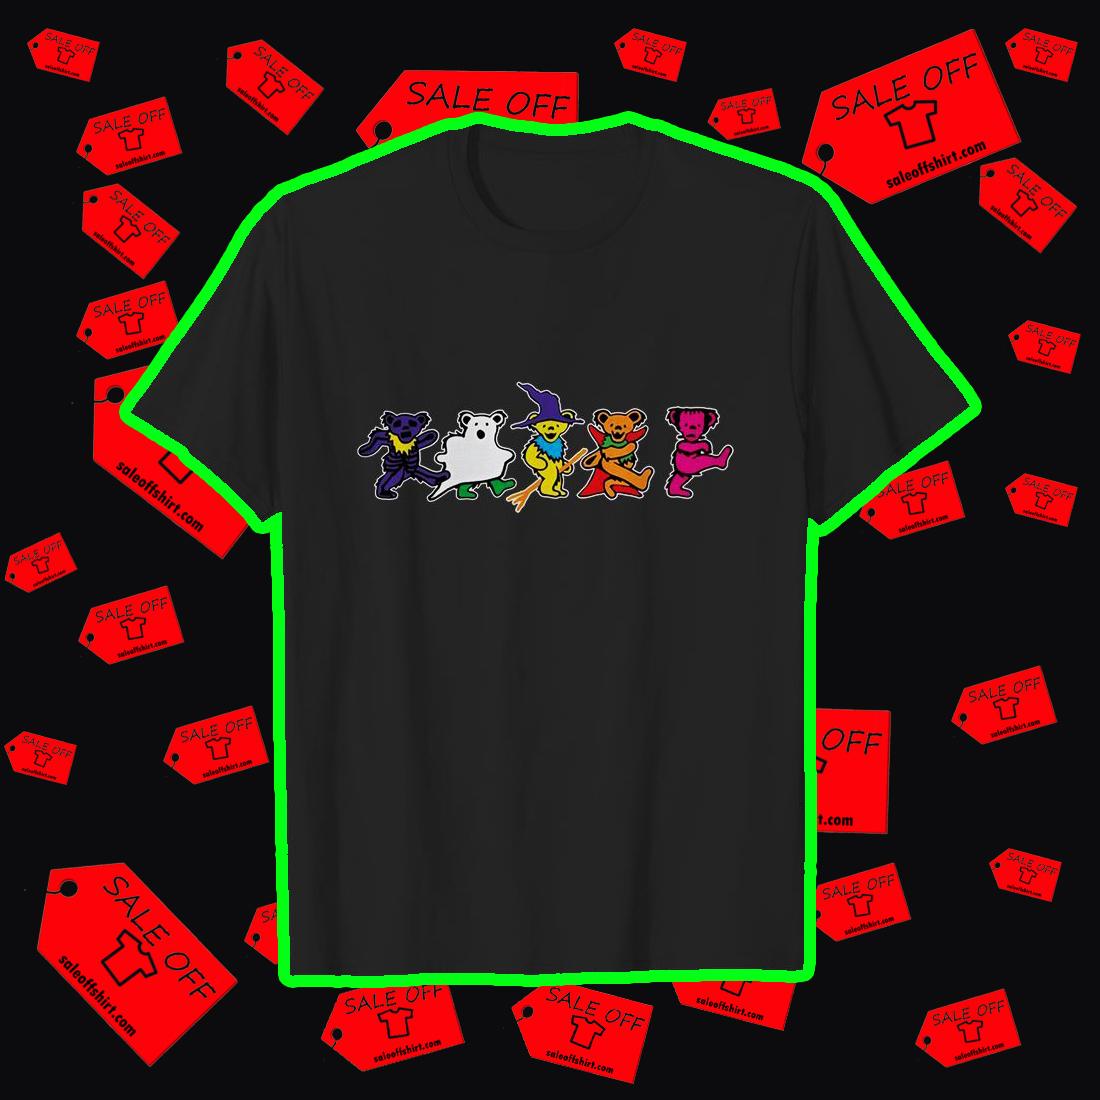 Grateful Dead Dancing Bears halloween shirt